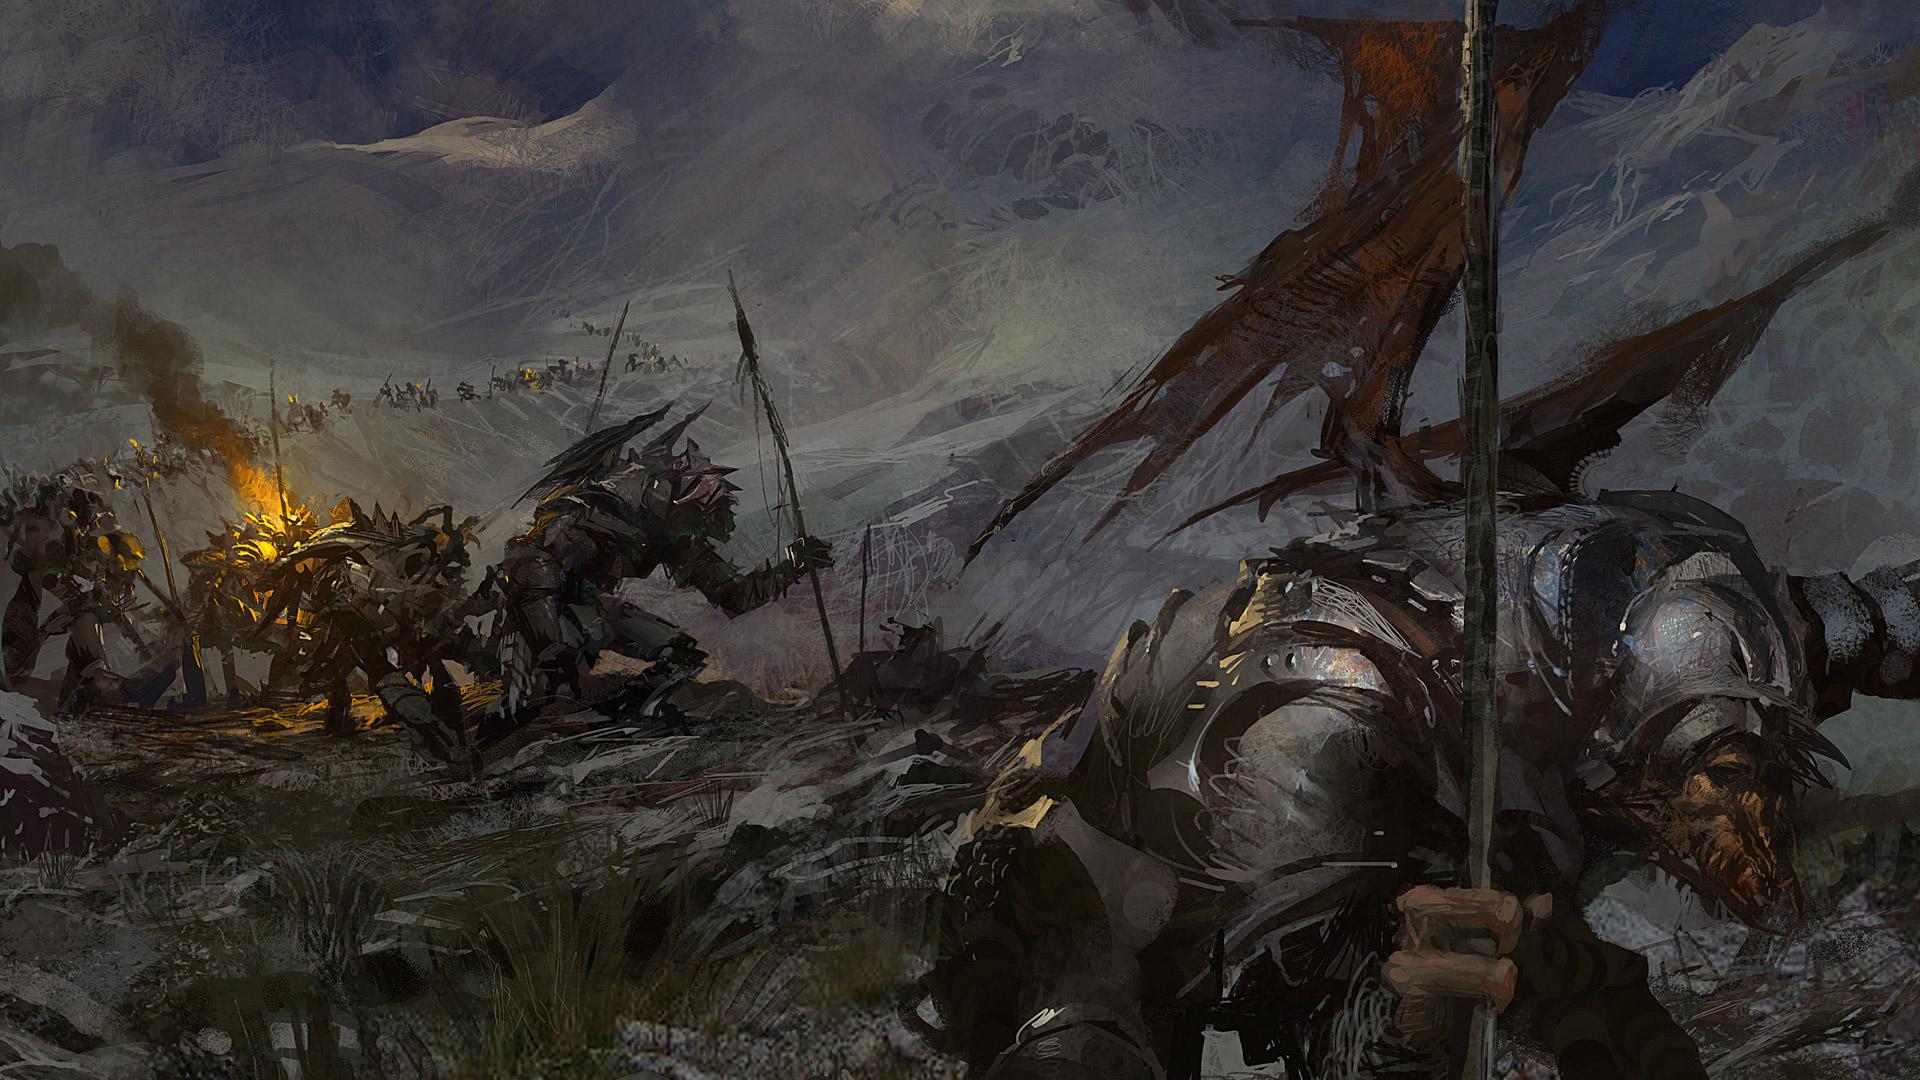 Free Guild Wars Wallpaper in 1920x1080